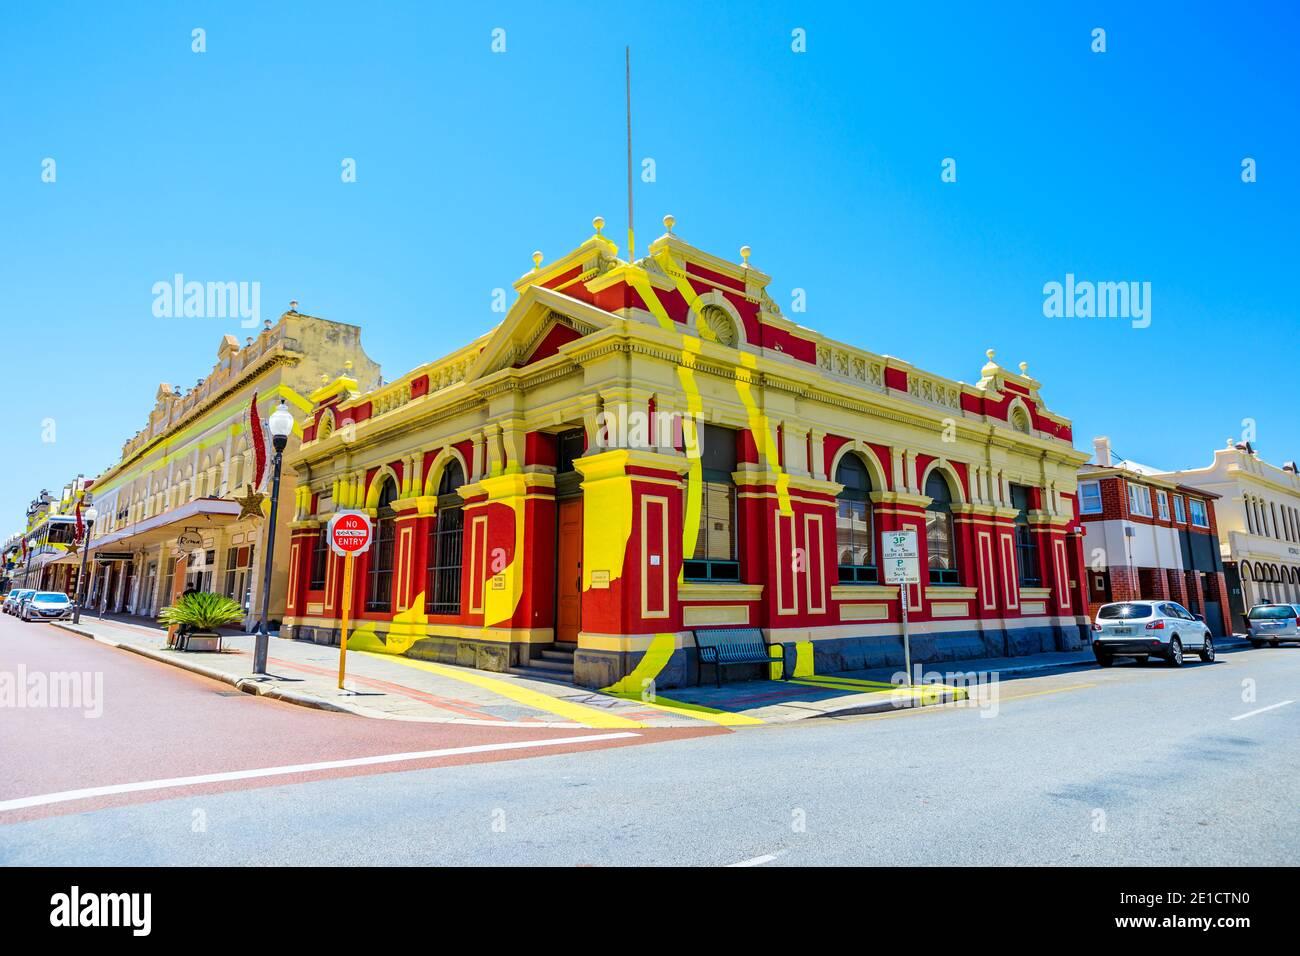 Fremantle, Western Australia - Jan 2, 2018: Historisches Gebäude an der Ecke der High Street und Adelaide Street und ist Teil der optischen Illusion Stockfoto